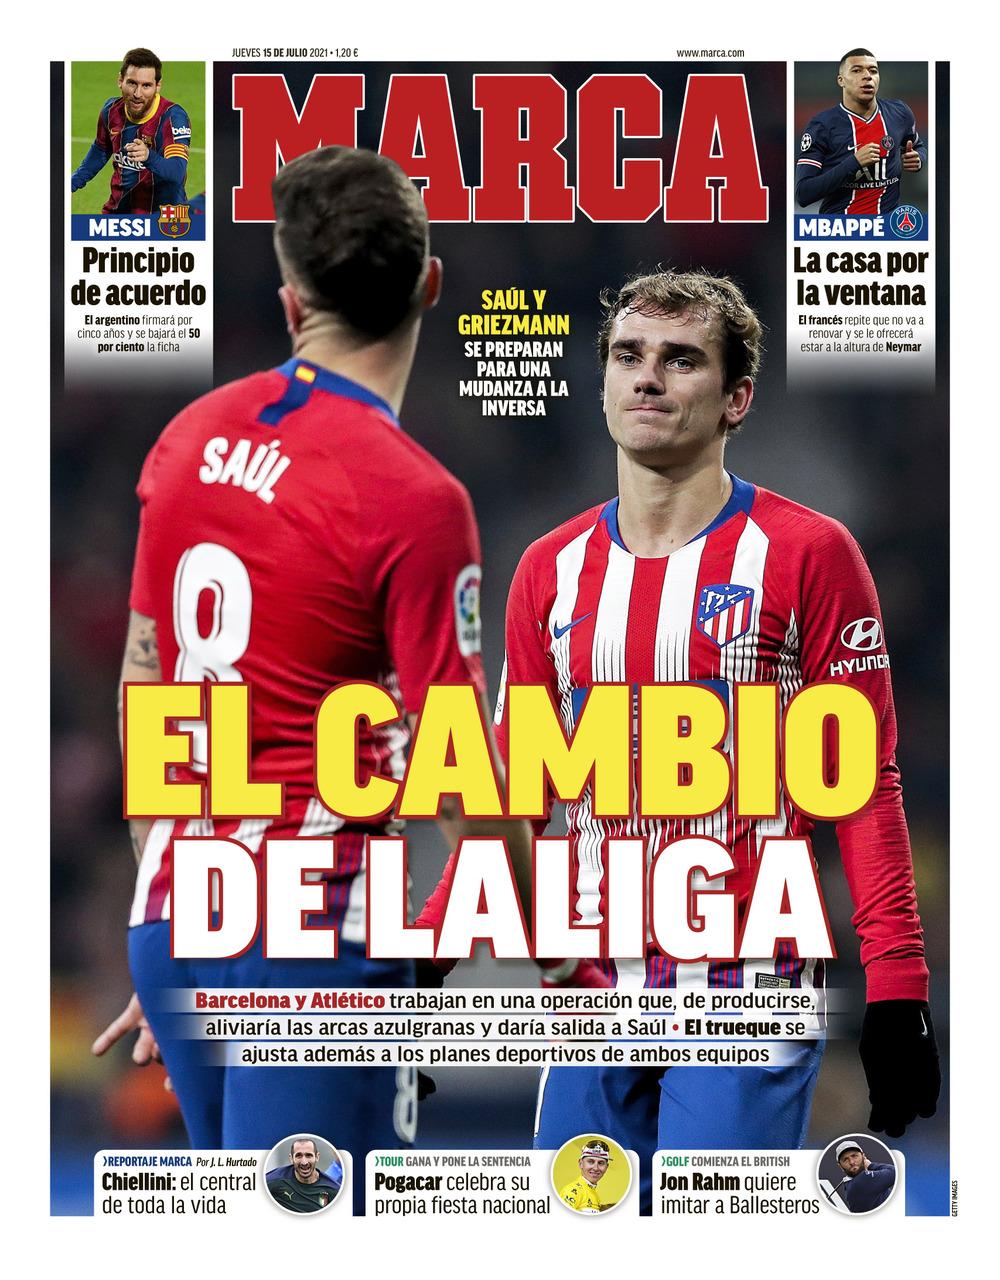 Papeles de hoy: Griezmann y Saul se preparan para intercambiar colores mientras Messi está cerca de firmar un contrato de cinco años